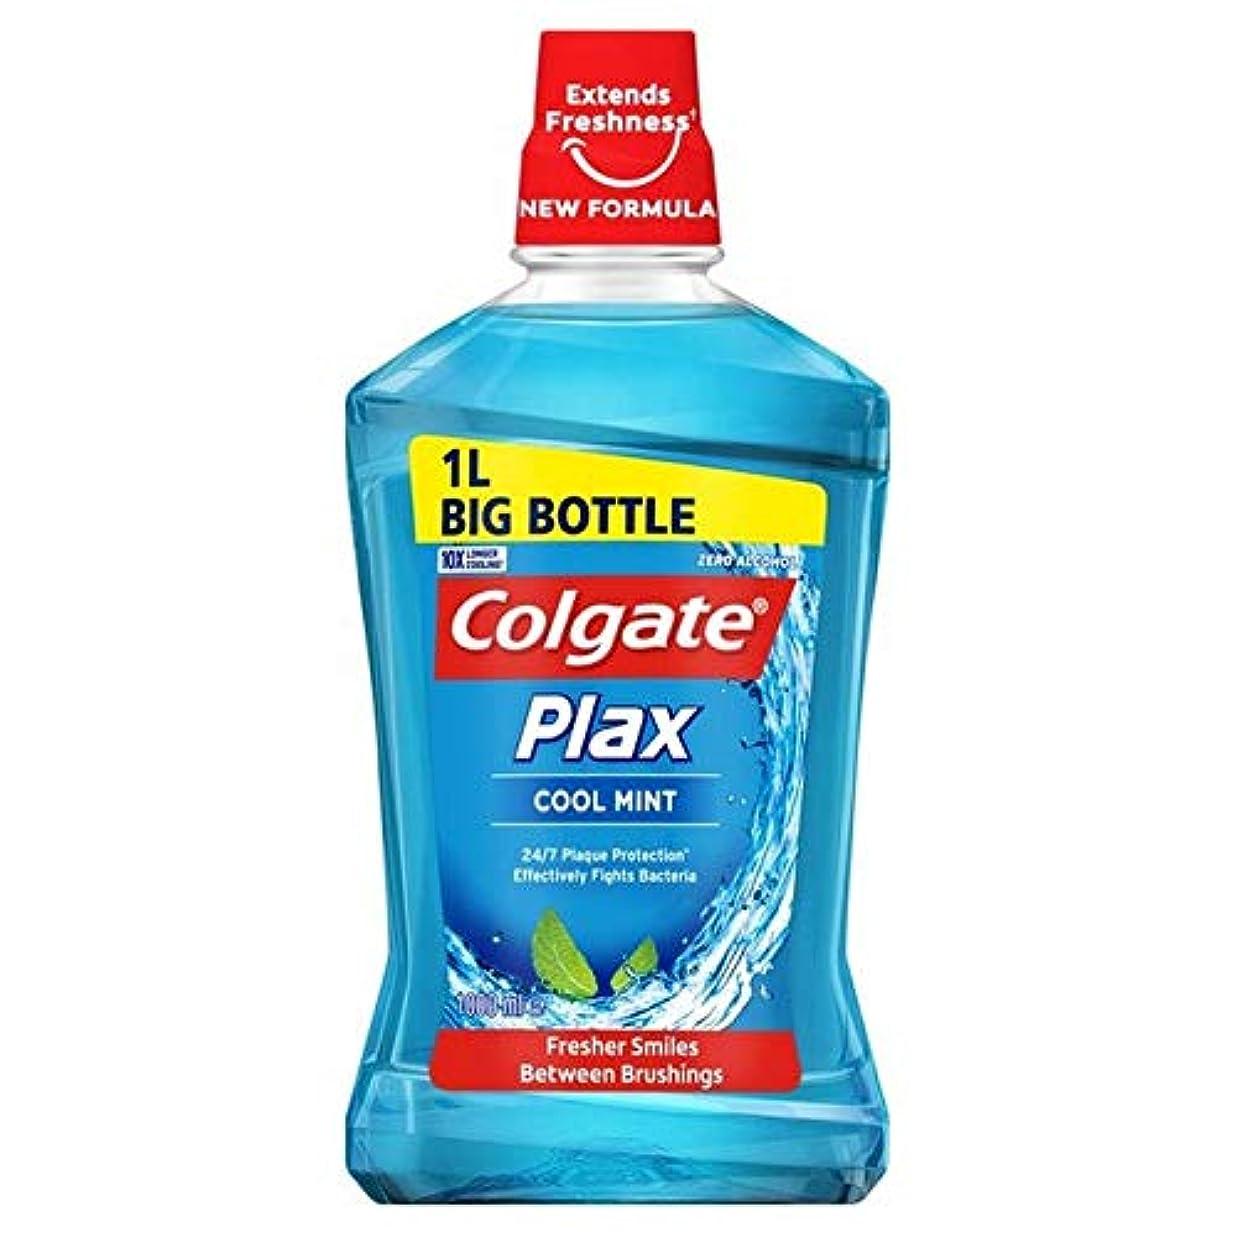 却下する名声汚い[Colgate ] コルゲートPlaxクールミントマウスウォッシュ1リットル - Colgate Plax Cool Mint Mouthwash 1L [並行輸入品]